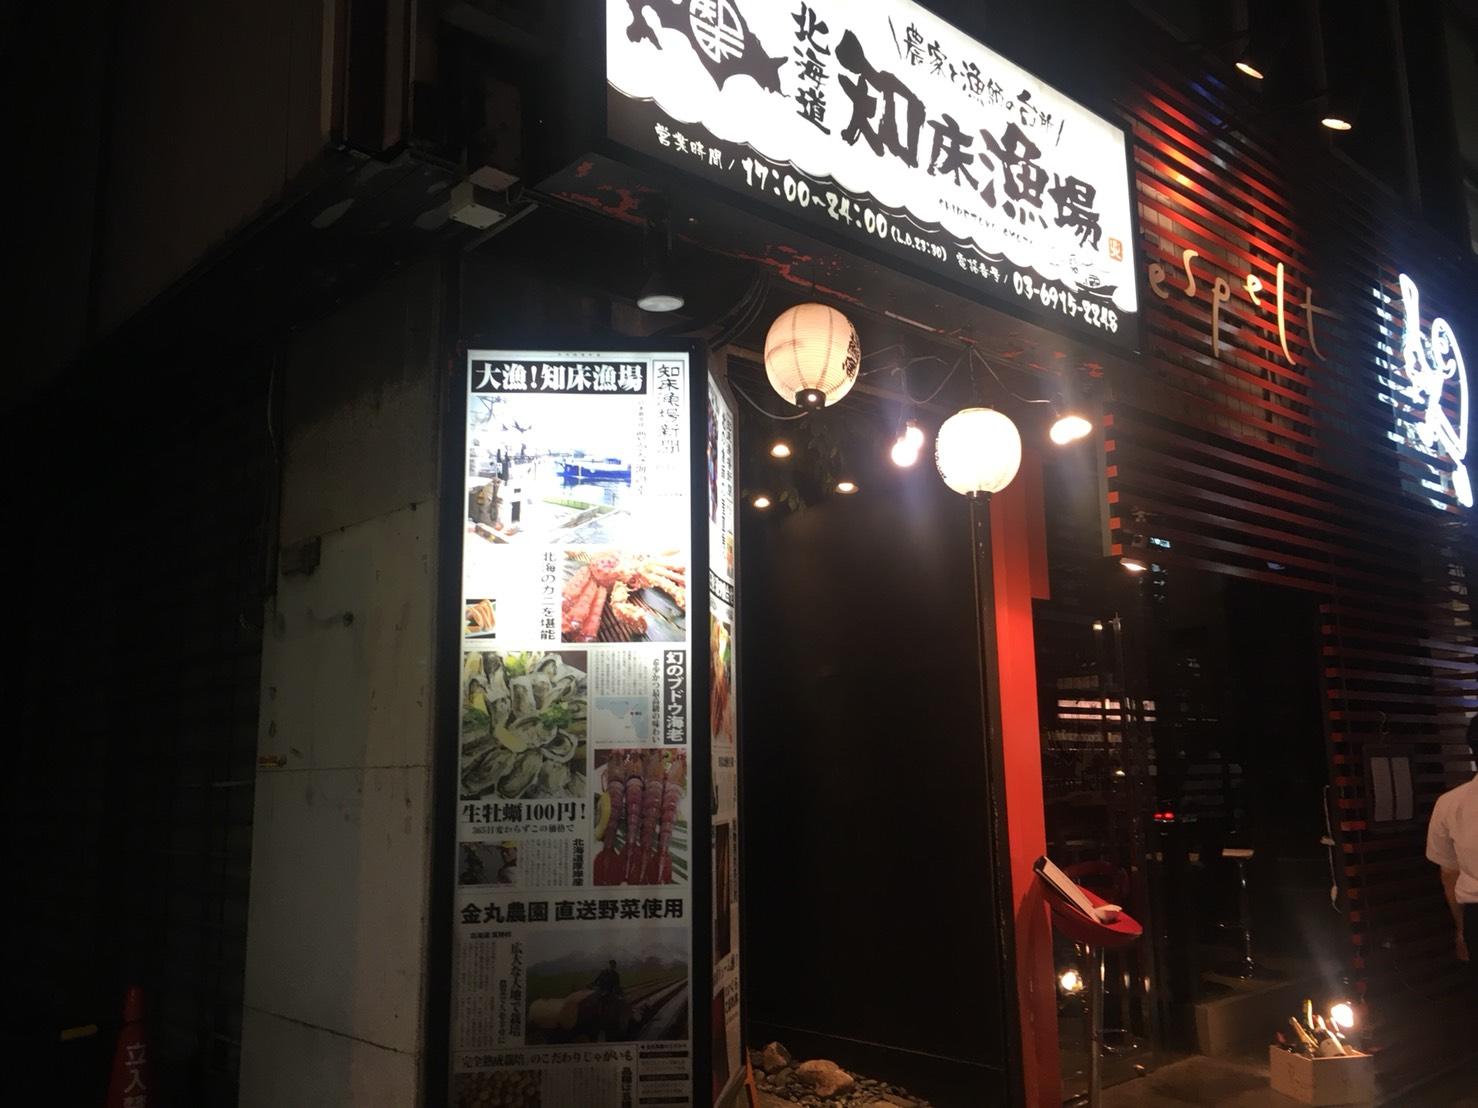 【池袋駅】いくらこぼれ丼を求めて「北海道知床漁場」の外観